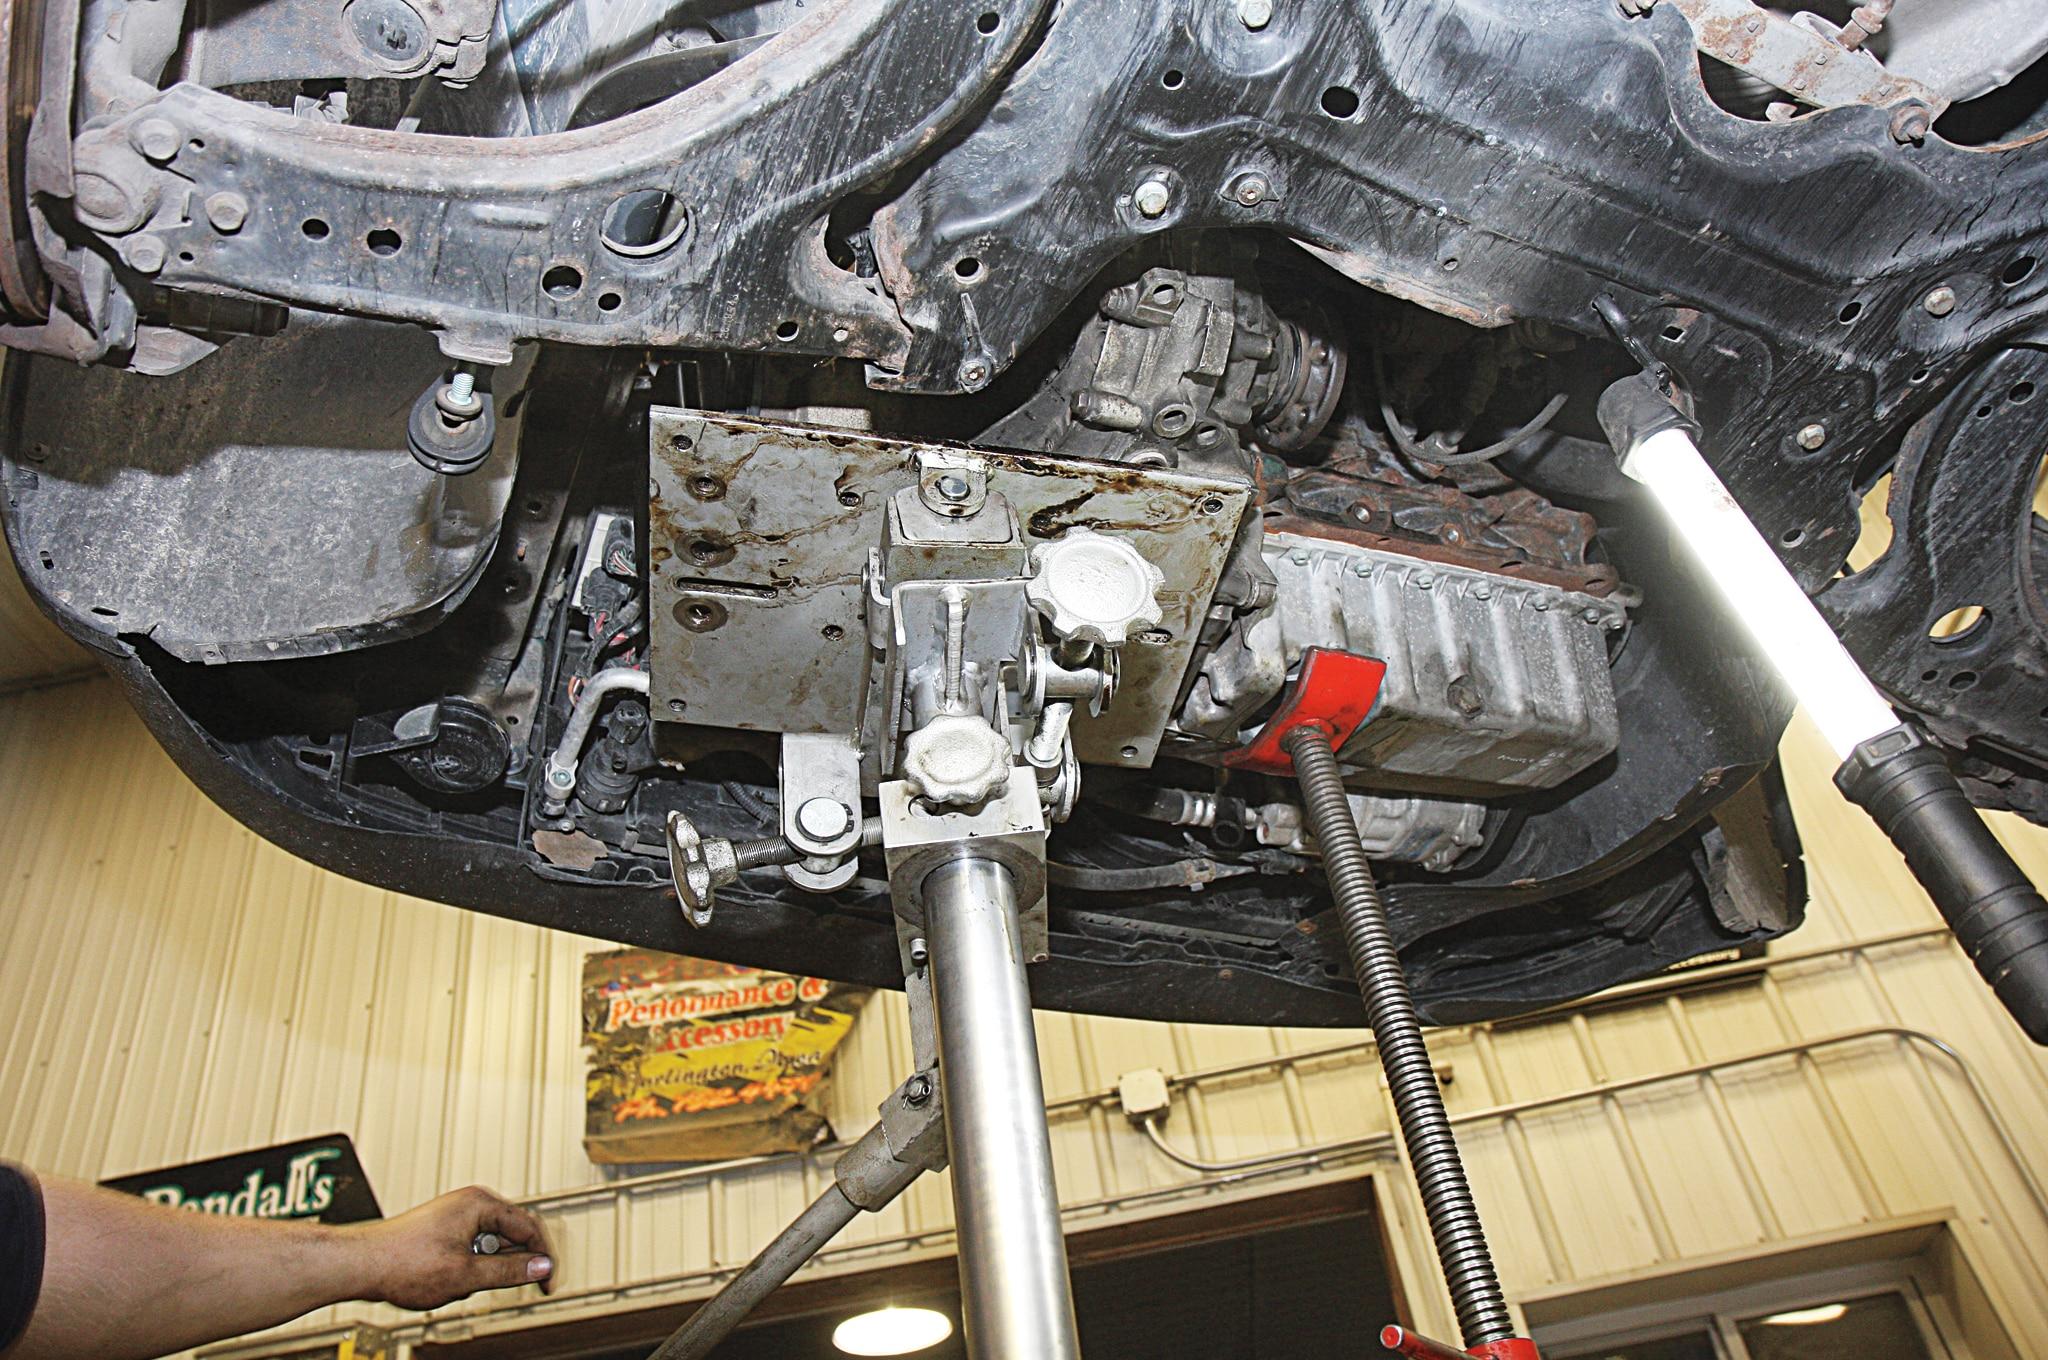 2002 volkswagen jetta tdi 5 speed transmission view photo gallery 13 photos [ 2048 x 1360 Pixel ]